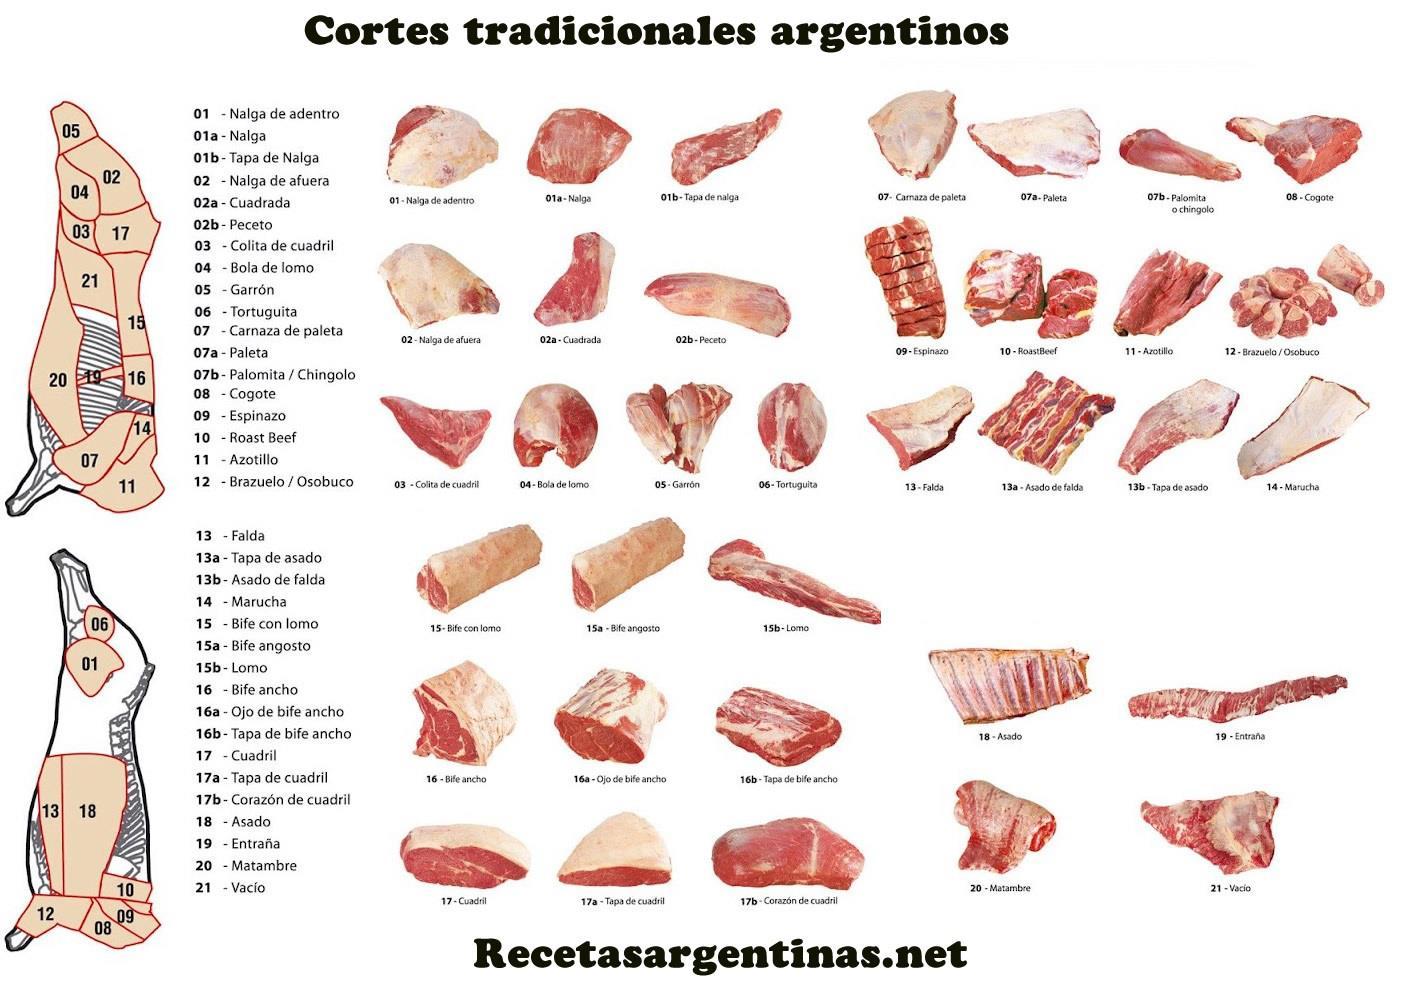 La mejor carne Argentina, fotos. post no apto - Off-topic - Taringa! 25